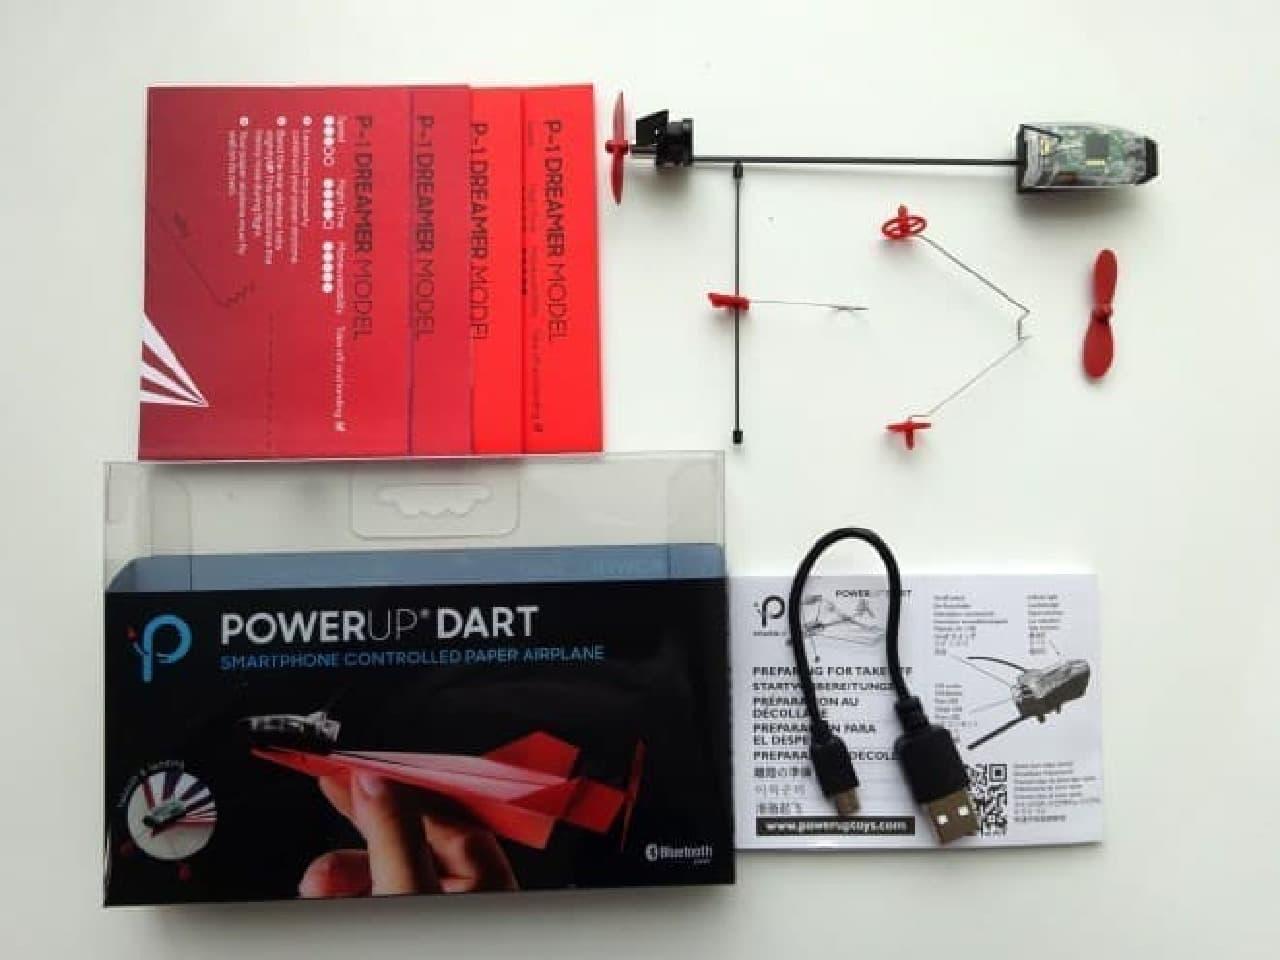 紙飛行機の2つの欠点を解消! - スマートフォンで操縦できる「POWERUP DART」